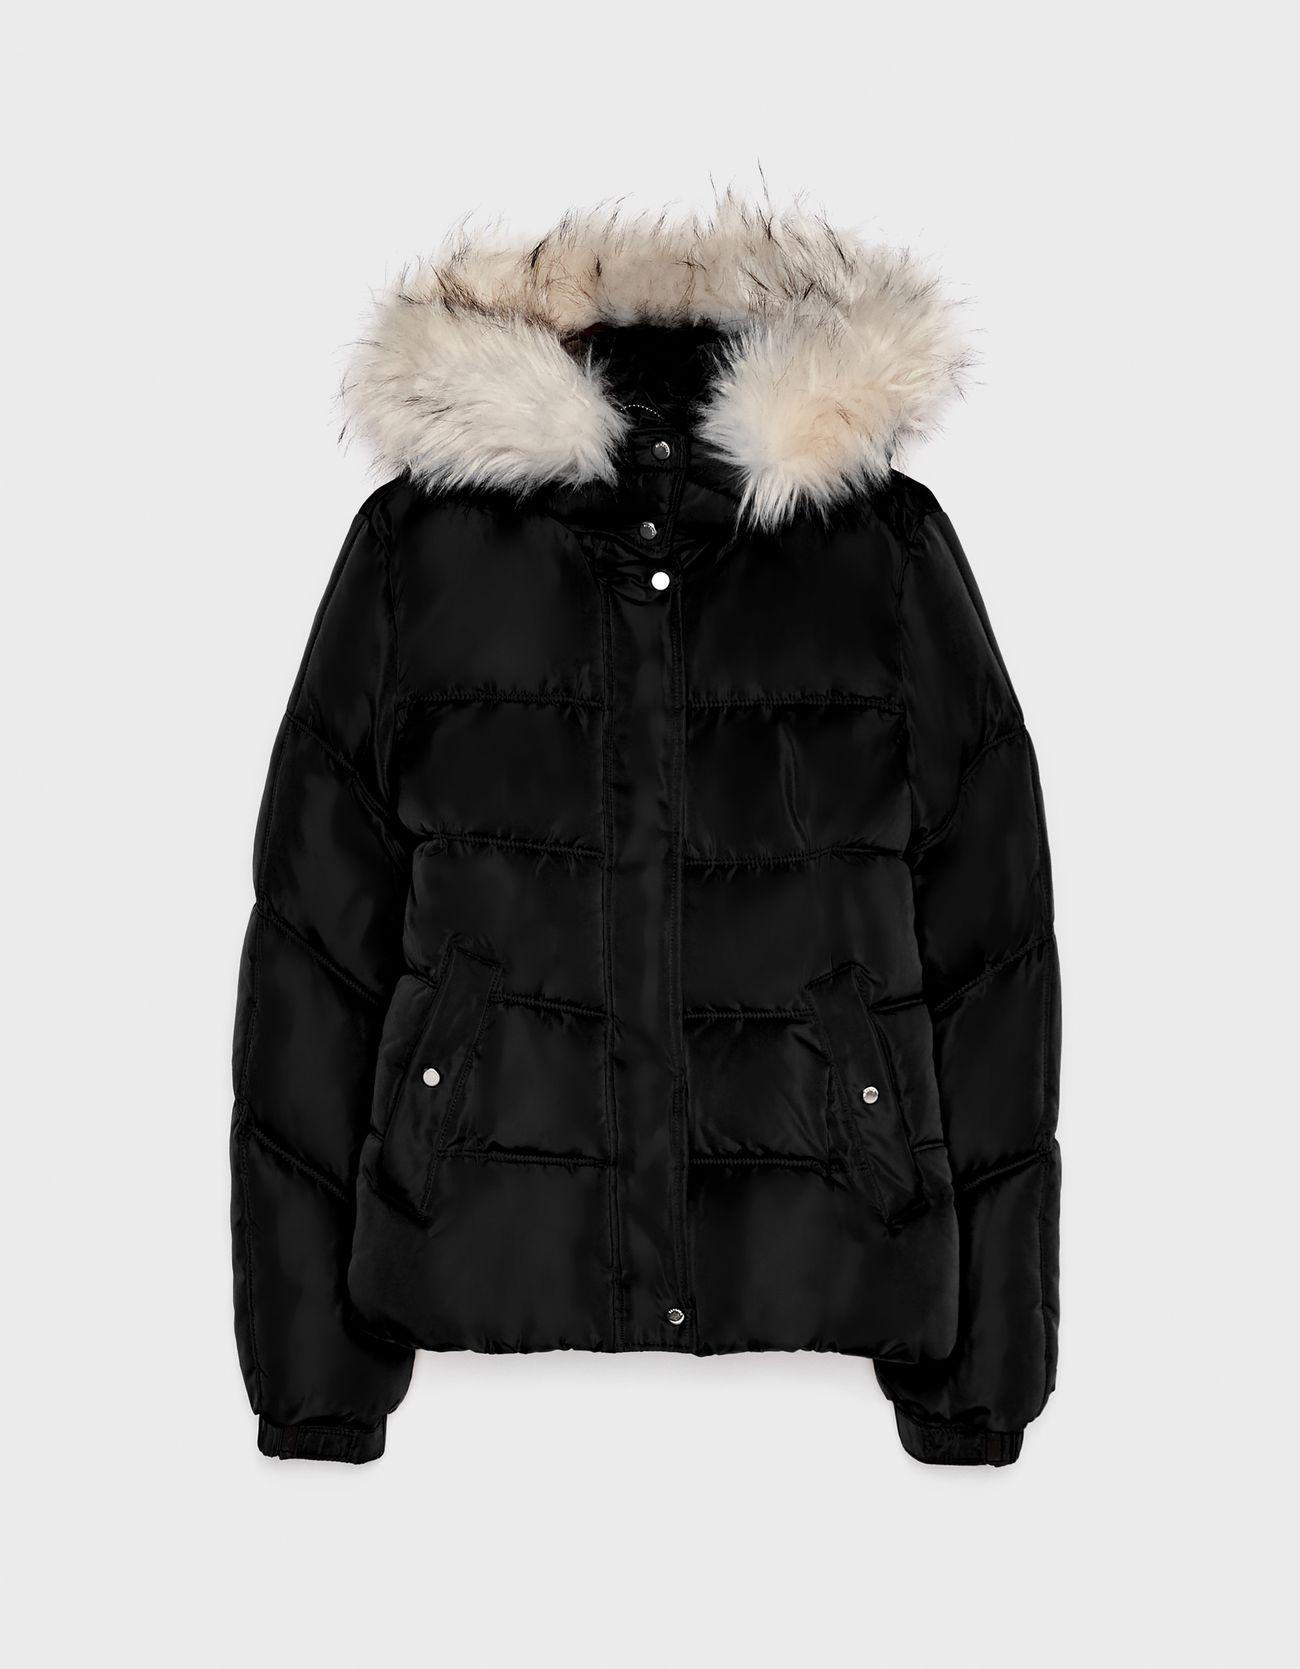 Дутая куртка с капюшоном Черный Bershka